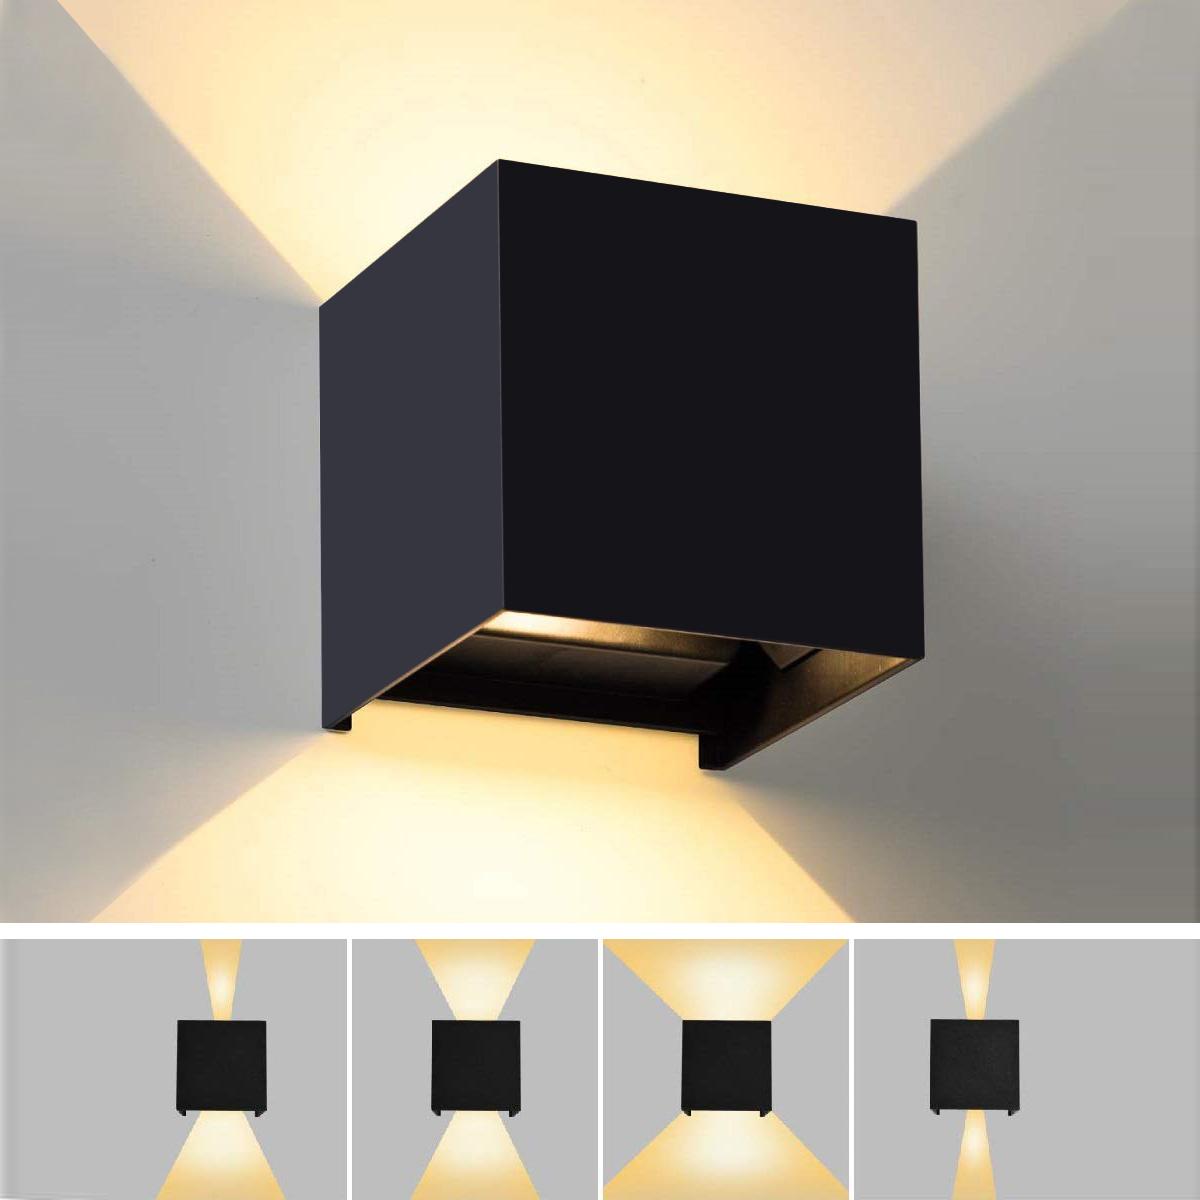 Lampade Per Porticati Esterni applique lampada giardino per esterni ip65 led 12w 1000lm